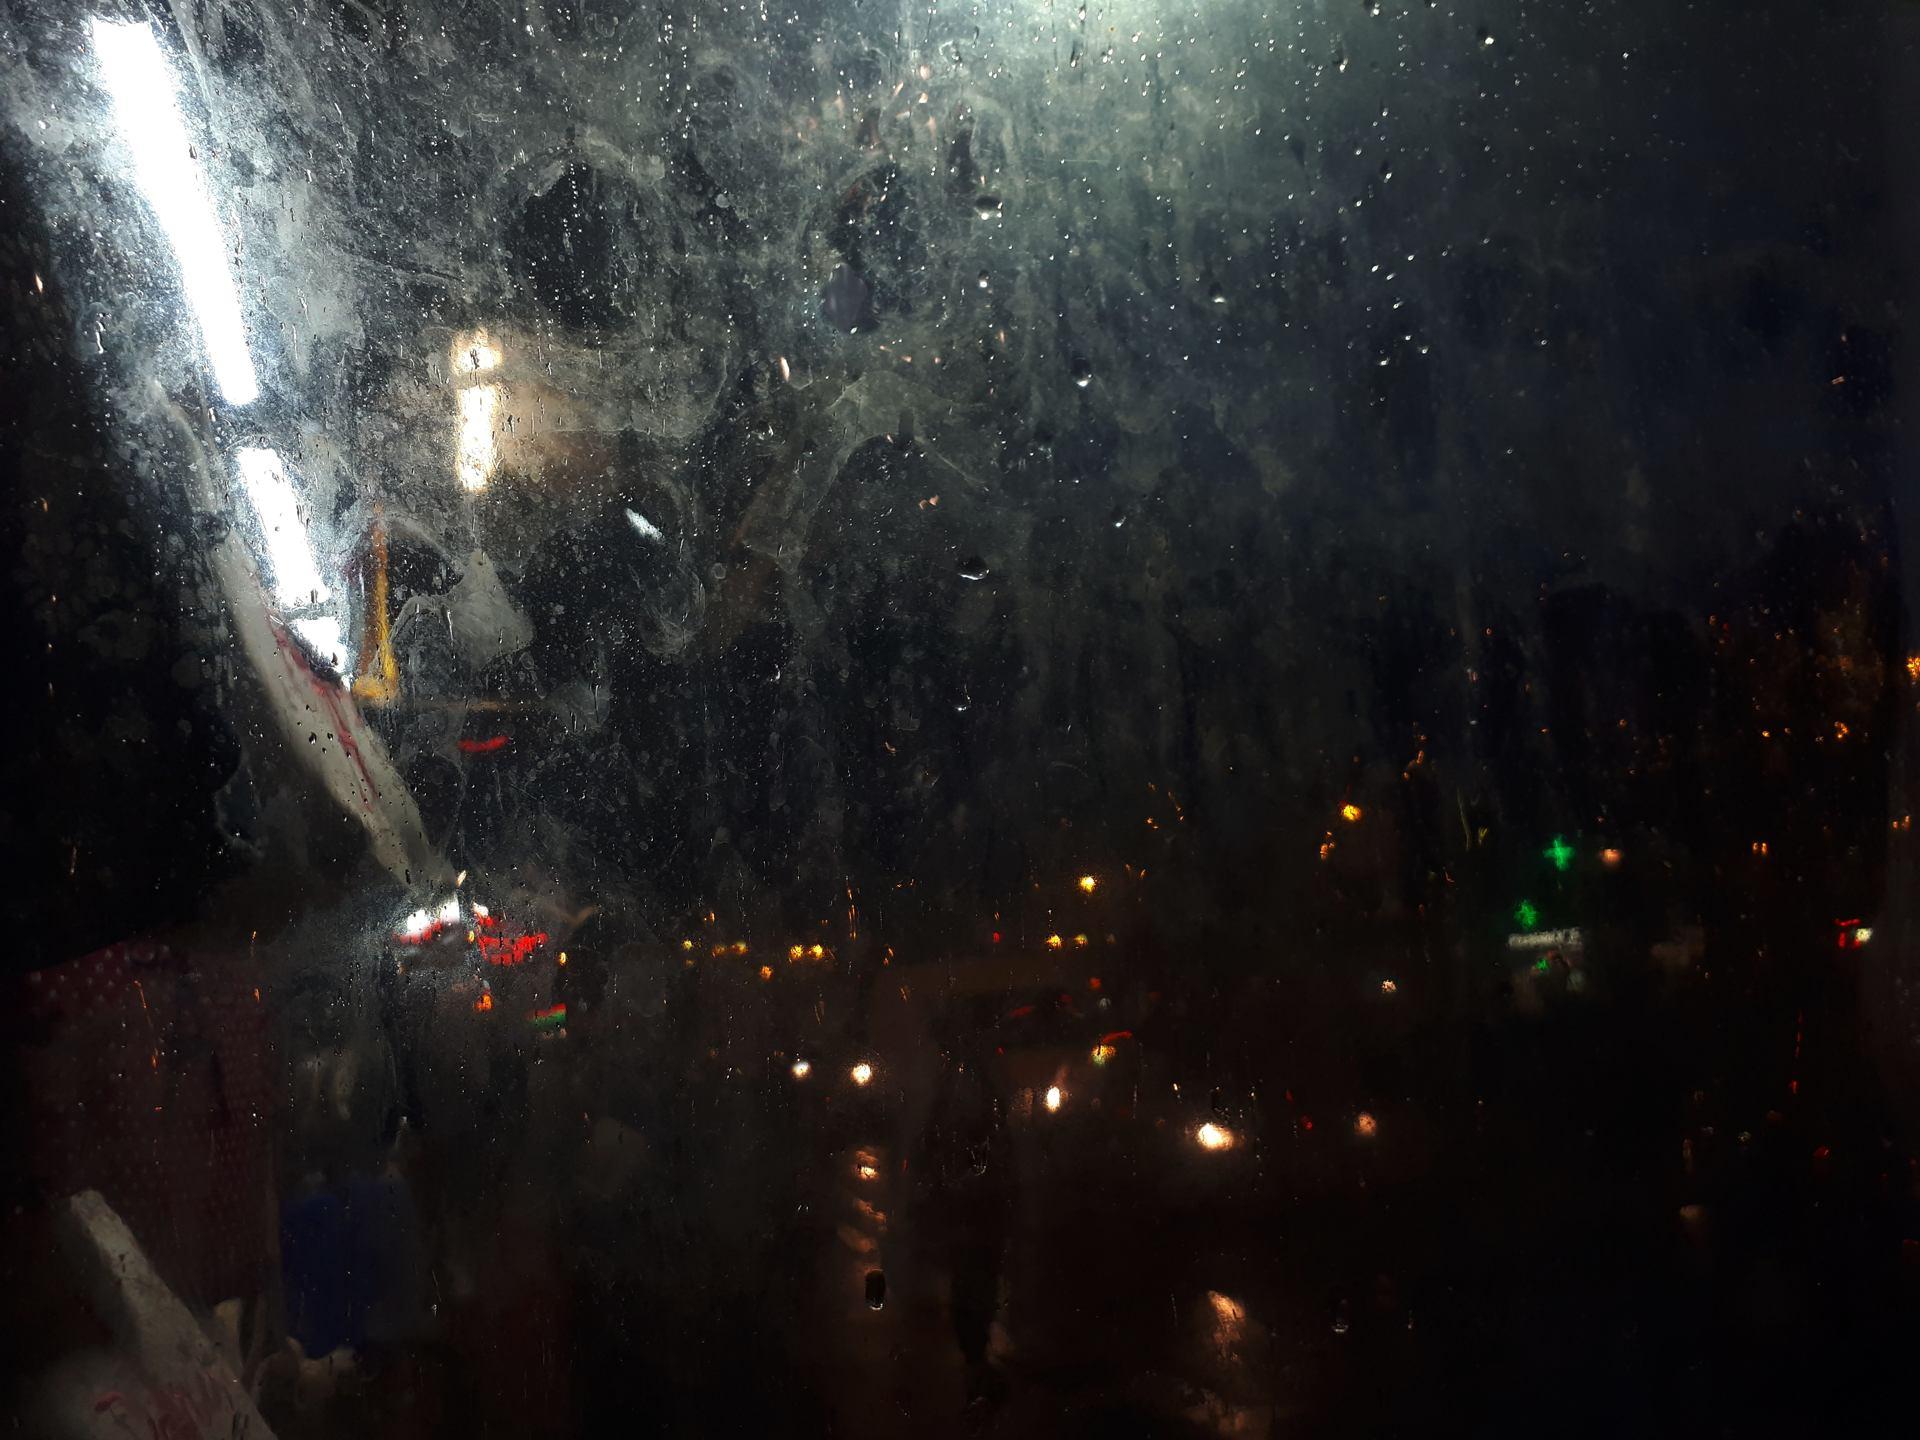 Nuit urbaine